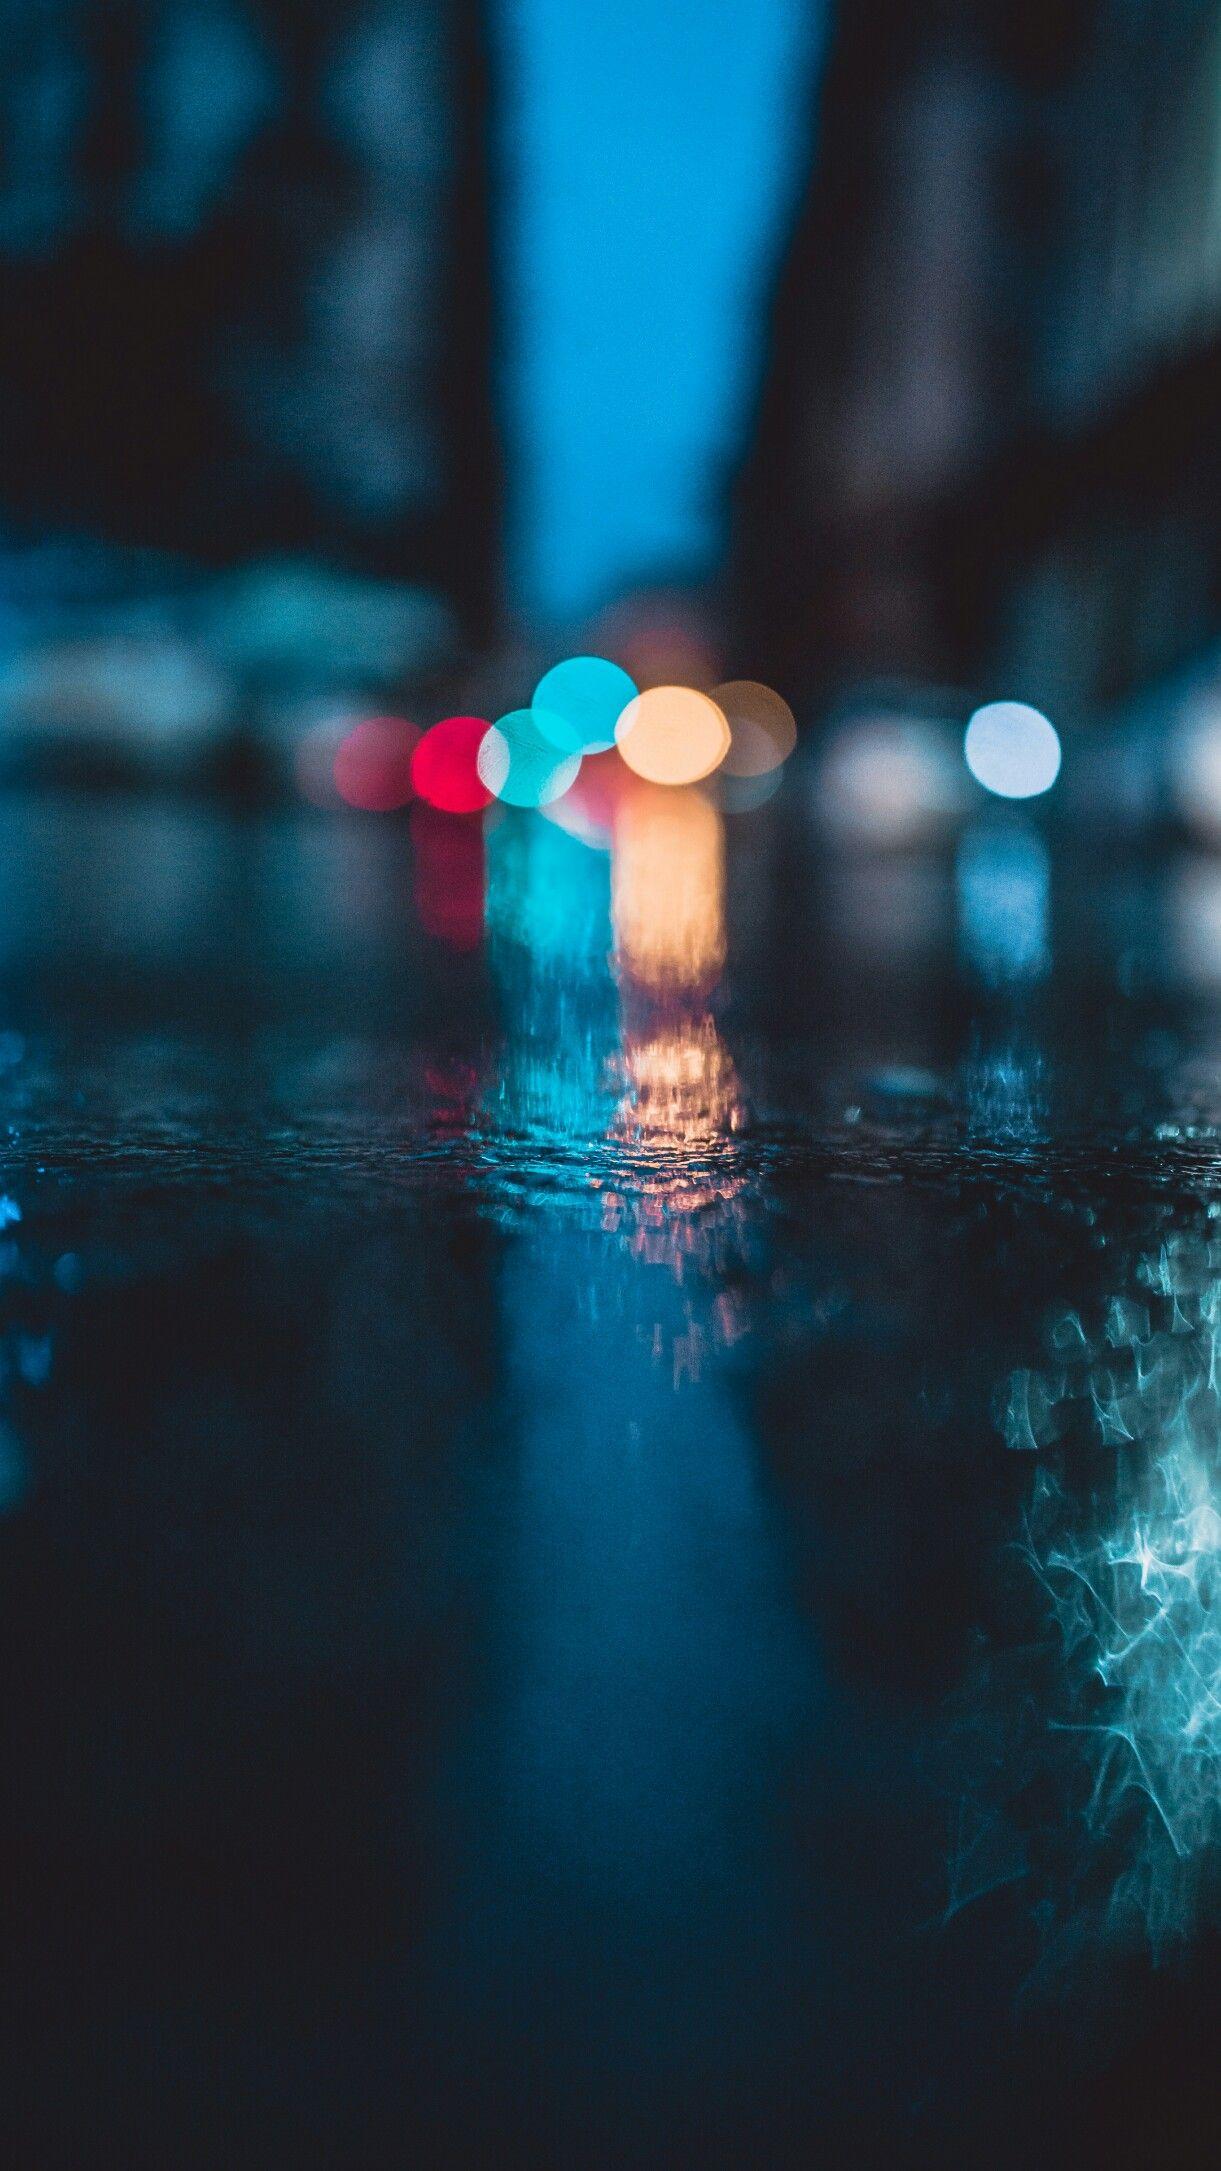 Pin De Mohini En Rain Fondos Desenfocados Fotos De Fondo De Pantalla Ideas De Fondos De Pantalla